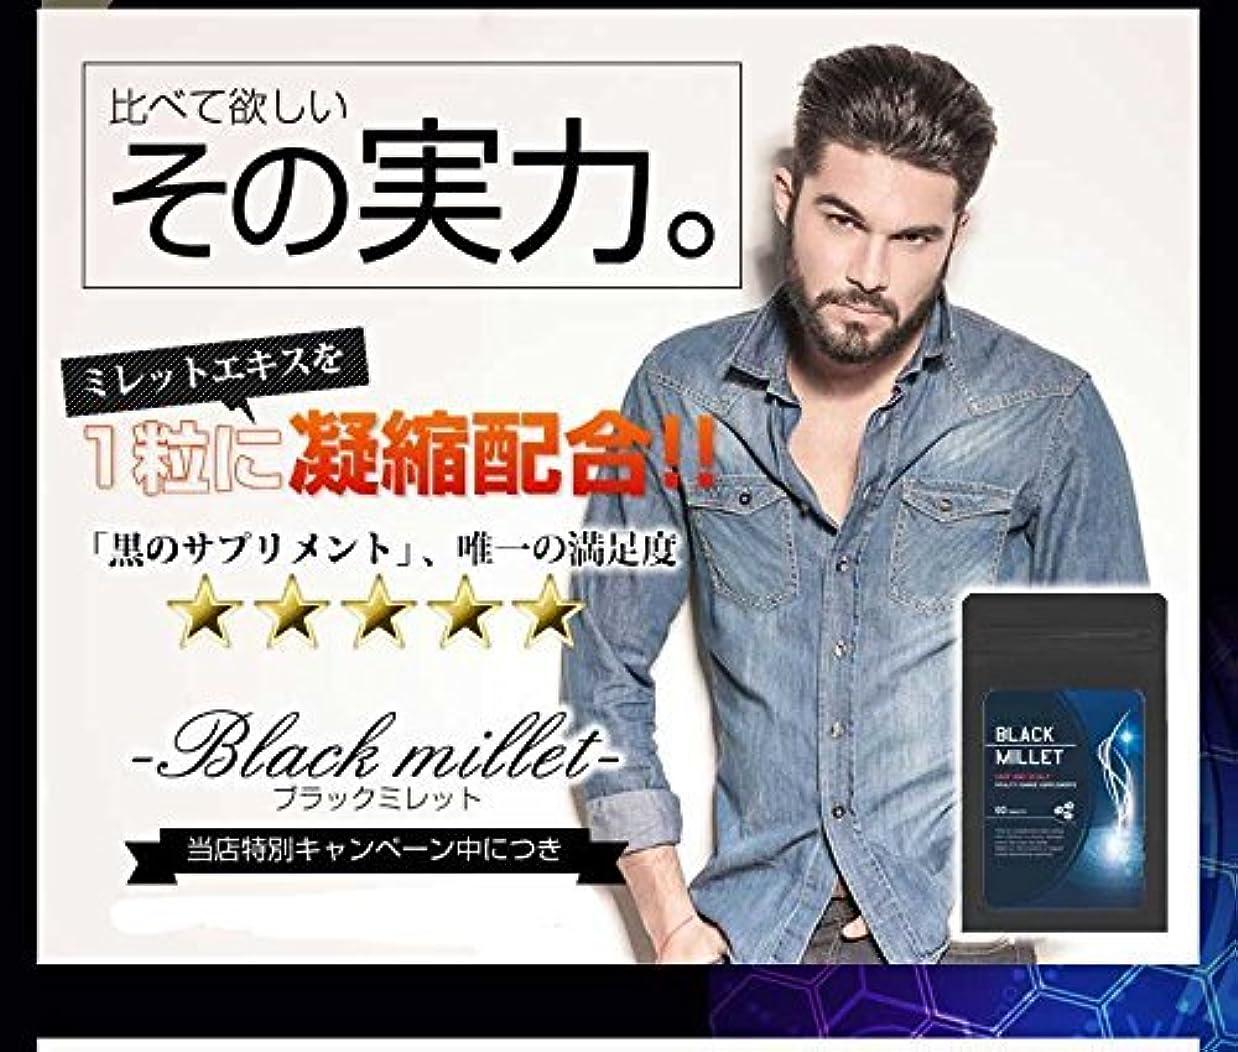 目を覚ます定期的に賢明なBlack millet (ブラックミレット)/【CC】